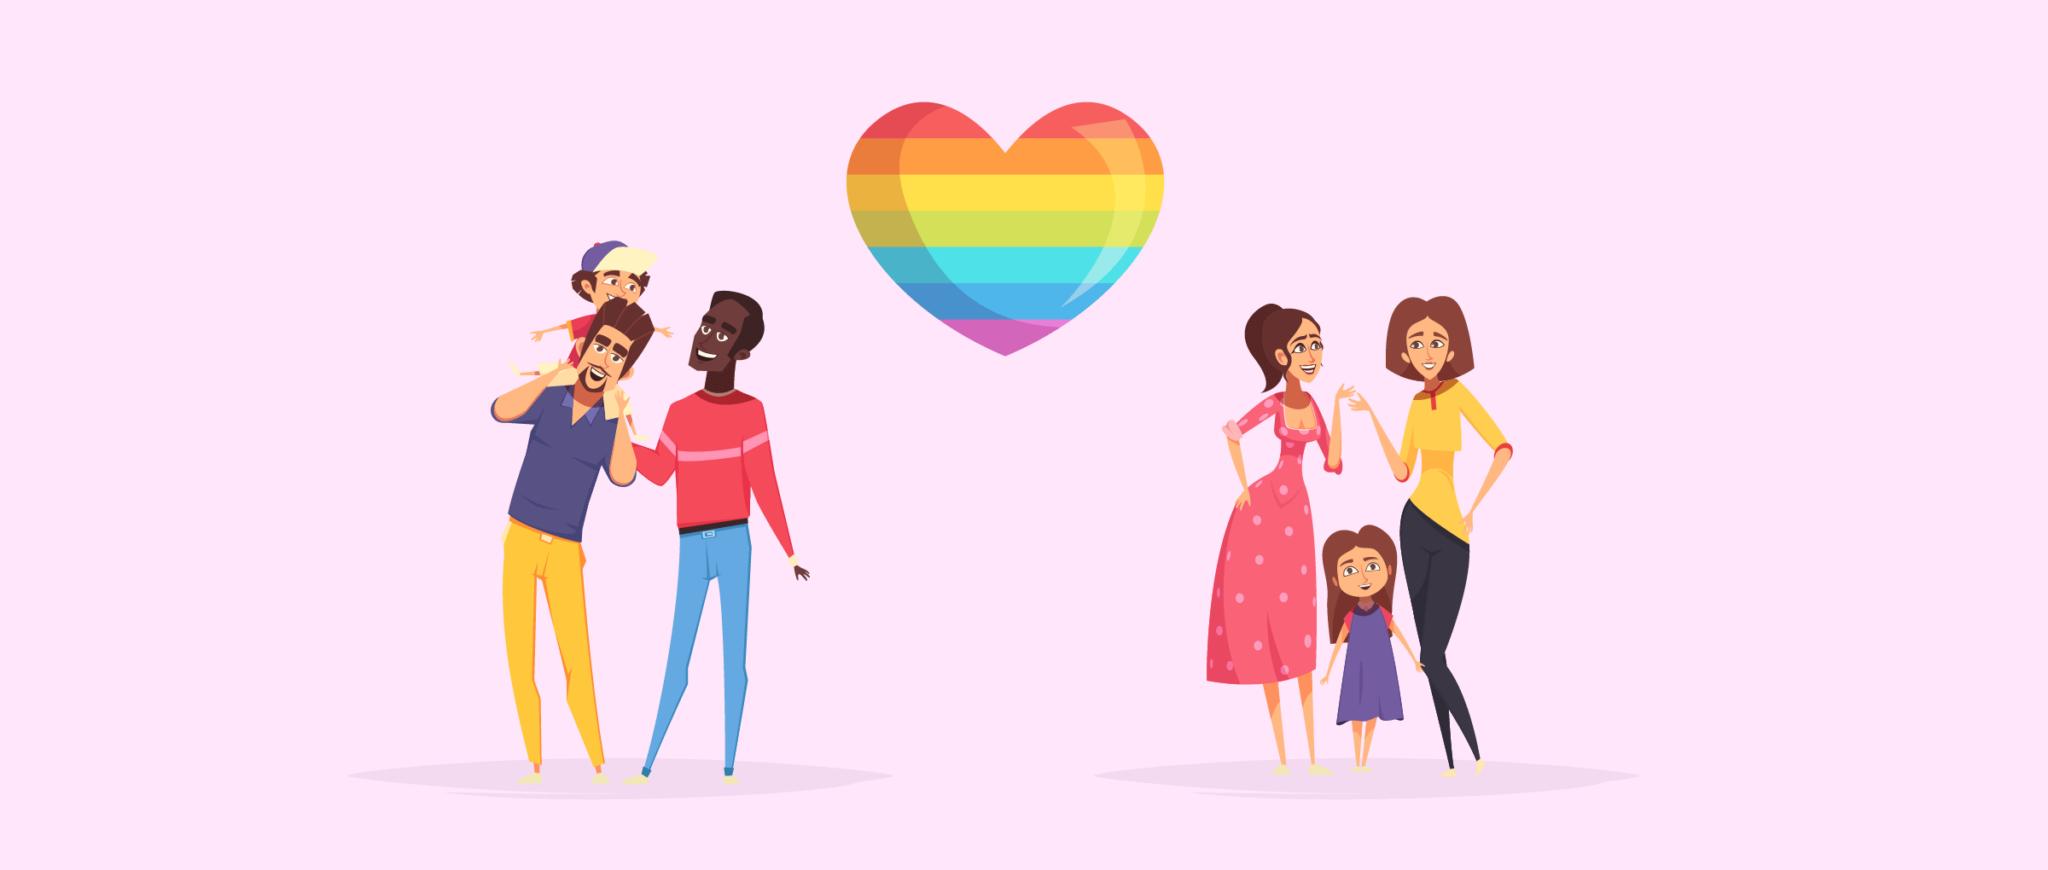 México adopción homoparental 1